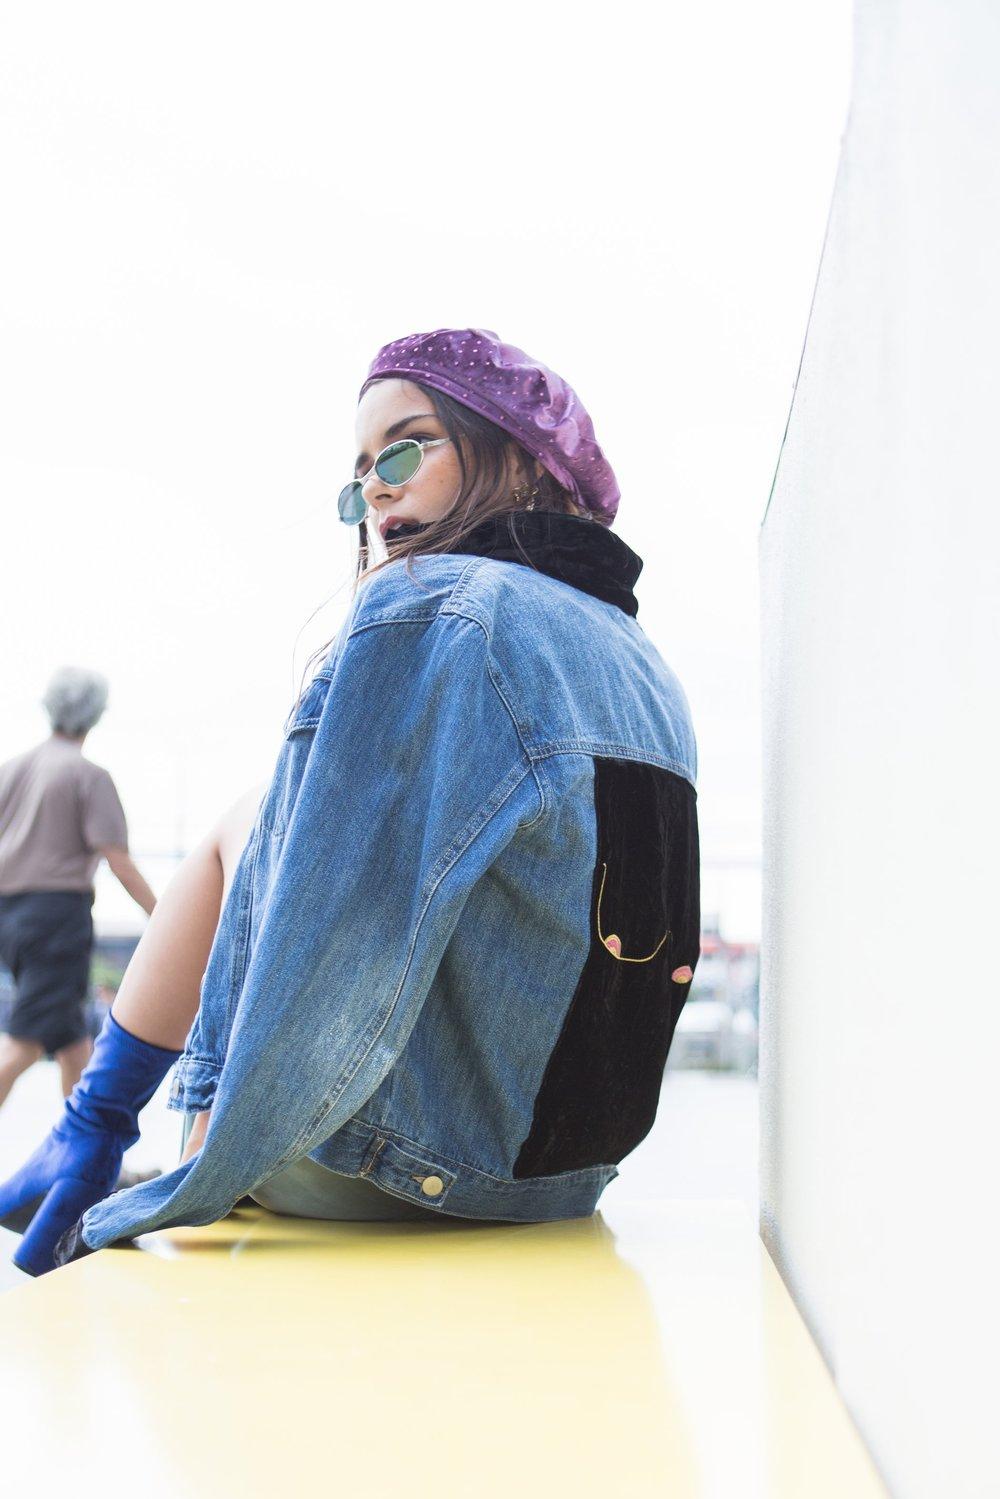 """OK! PAUSA! no puedo irme sin contarles de este CHUZO DE JACKET LOLA, la nueva colaboración de NNIA con la marca  AGUA DULCE , una edición limitada con el sello de la última colección  """"La femme by NNIA """", inspirada en la liberación femenina, en vestirnos para nosotras mismas y hacerle un tributo a nuestro cuerpo.  MUCHOS BESOS Y AMOR!  Jessi :)"""